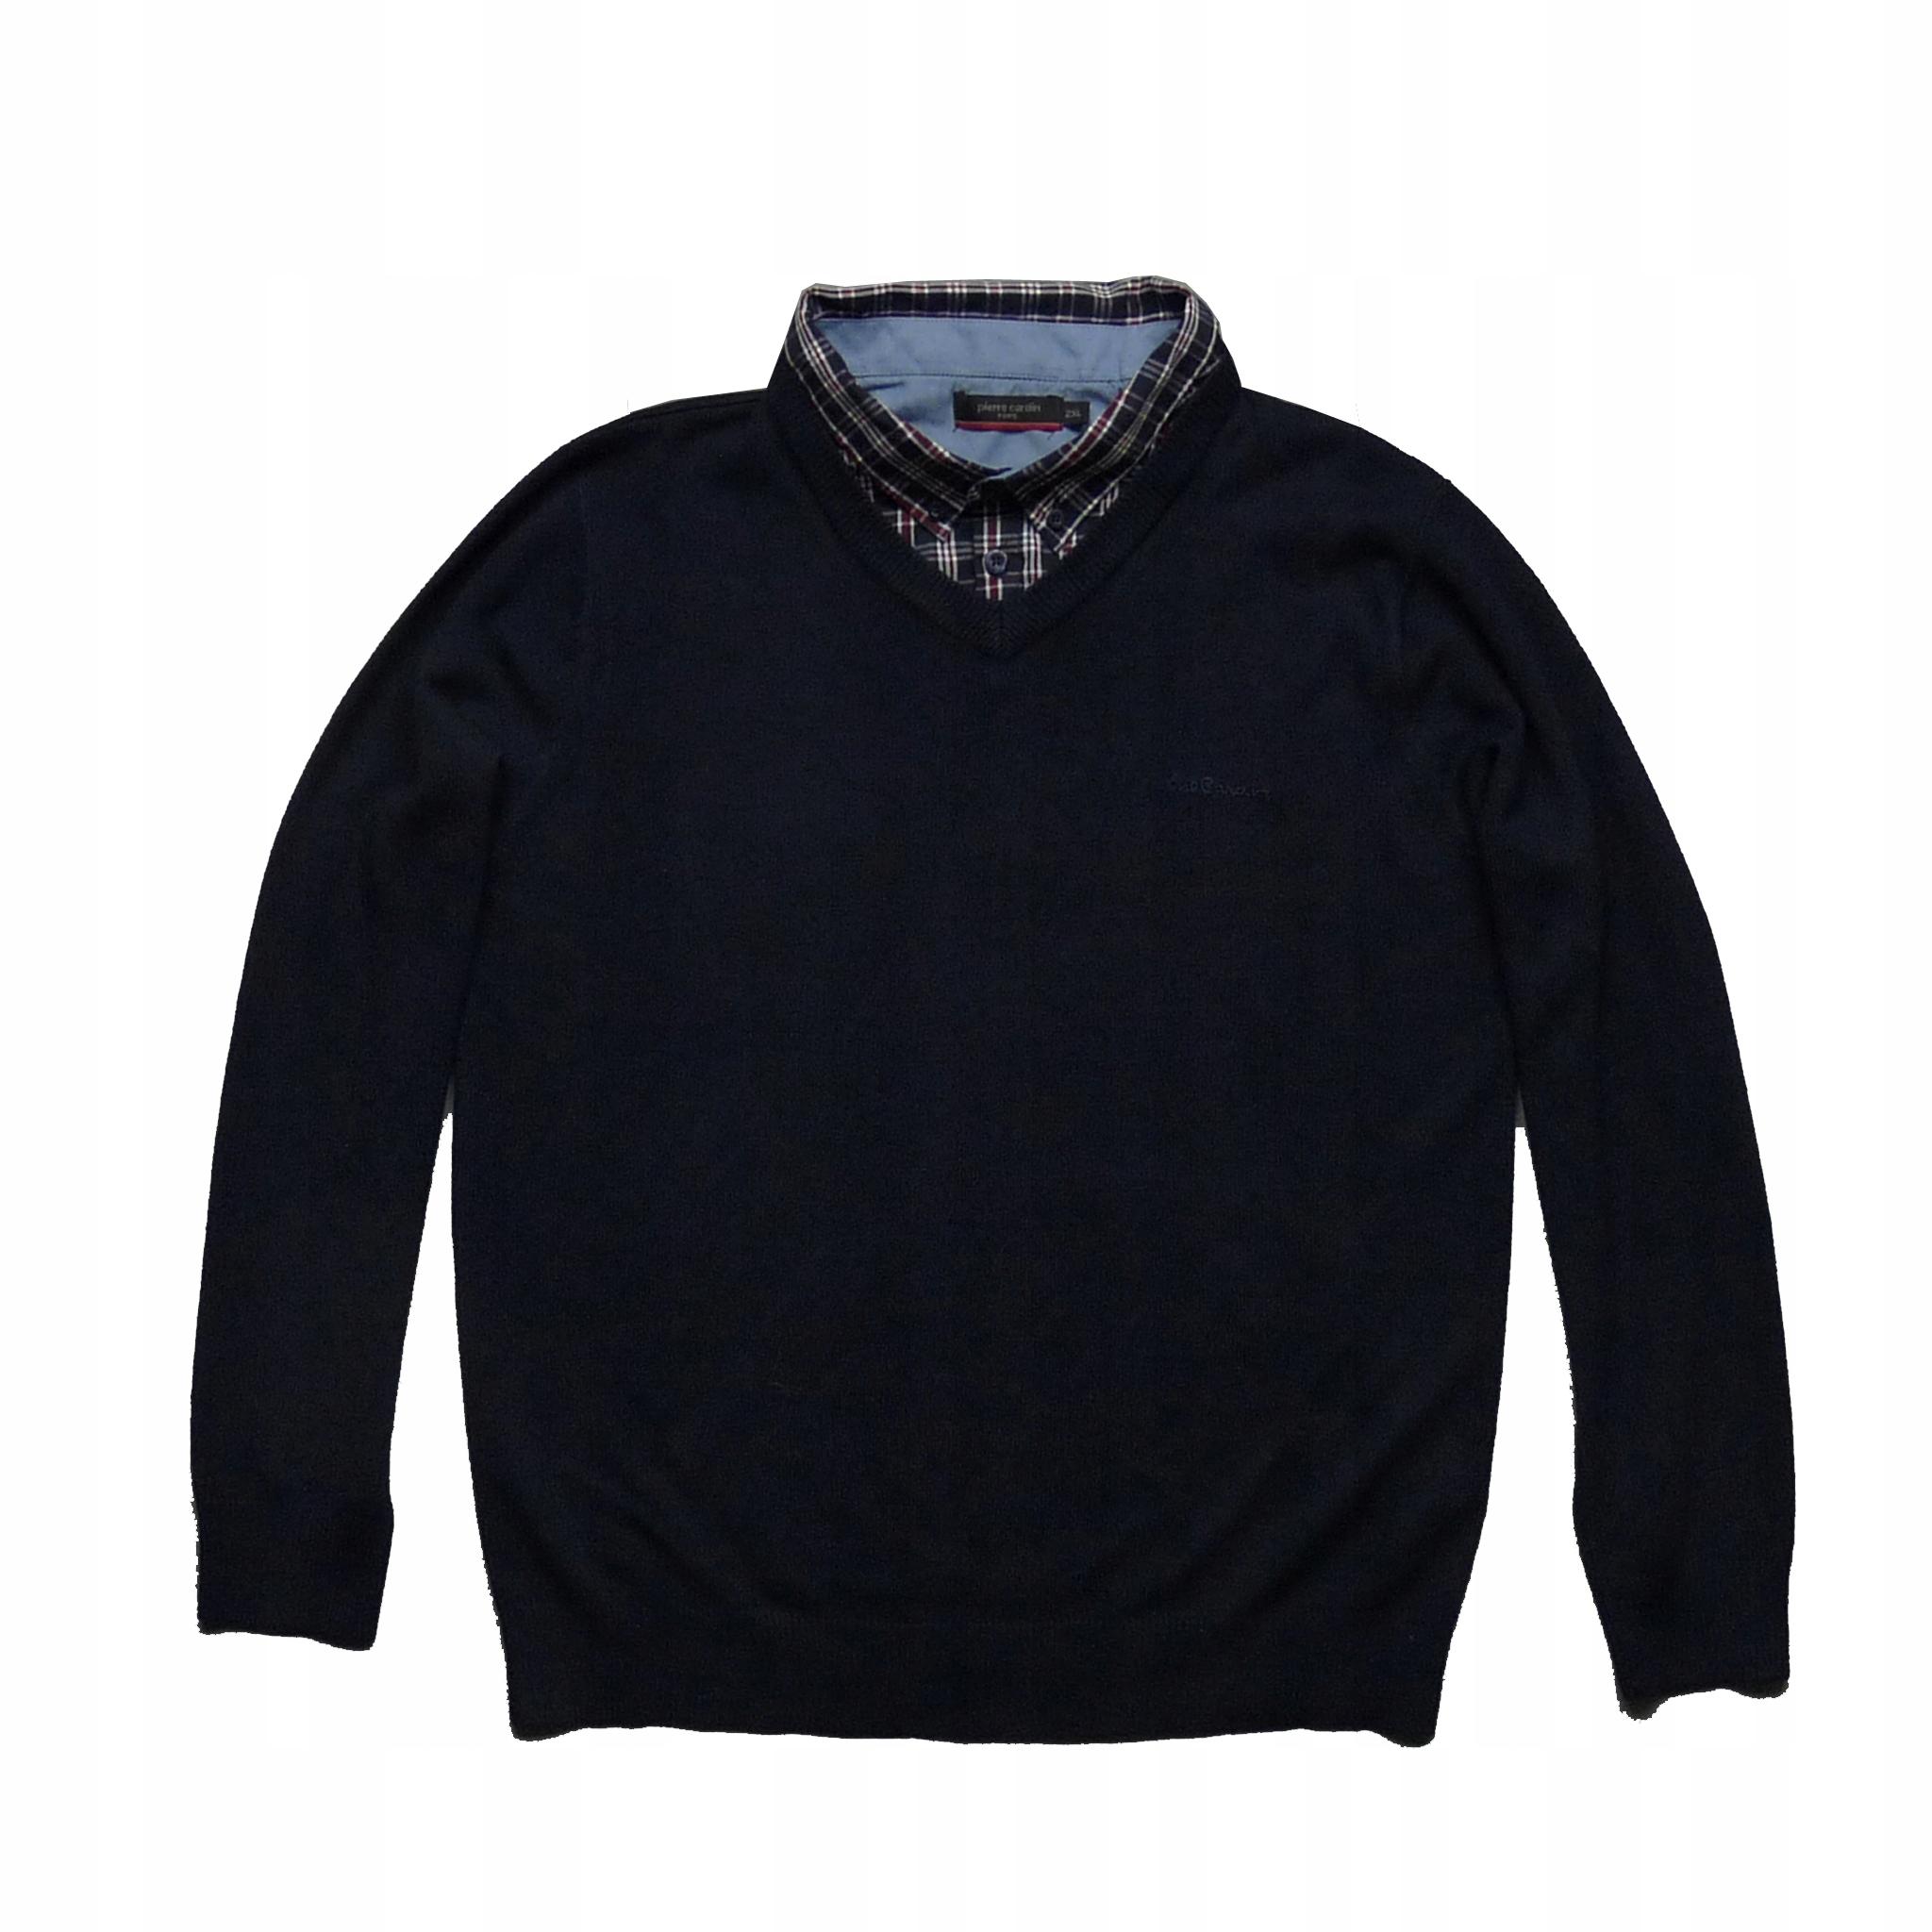 PIERRE CARDIN granatowy sweter z kołnierzykiem M